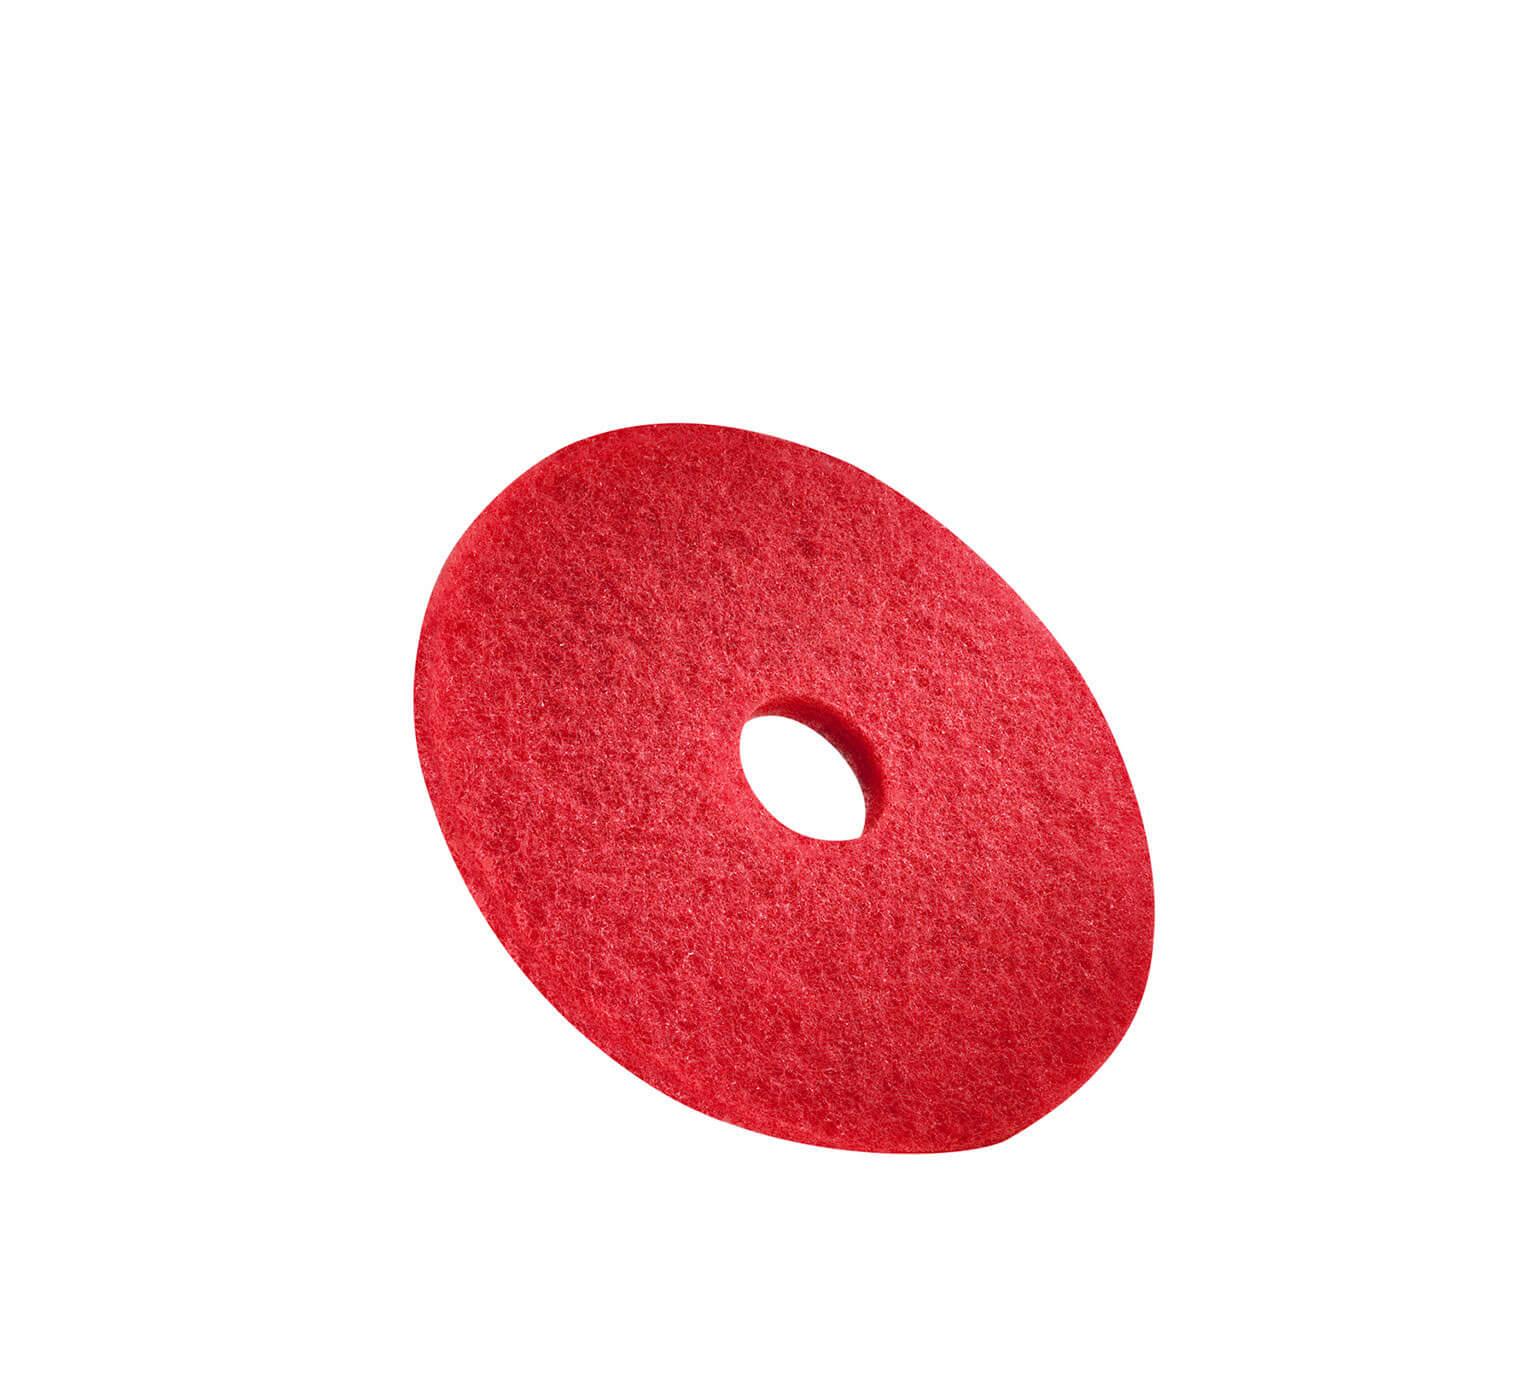 1050271 <br>Красная полировальная губка 3M — 17 дюймов / 432 мм